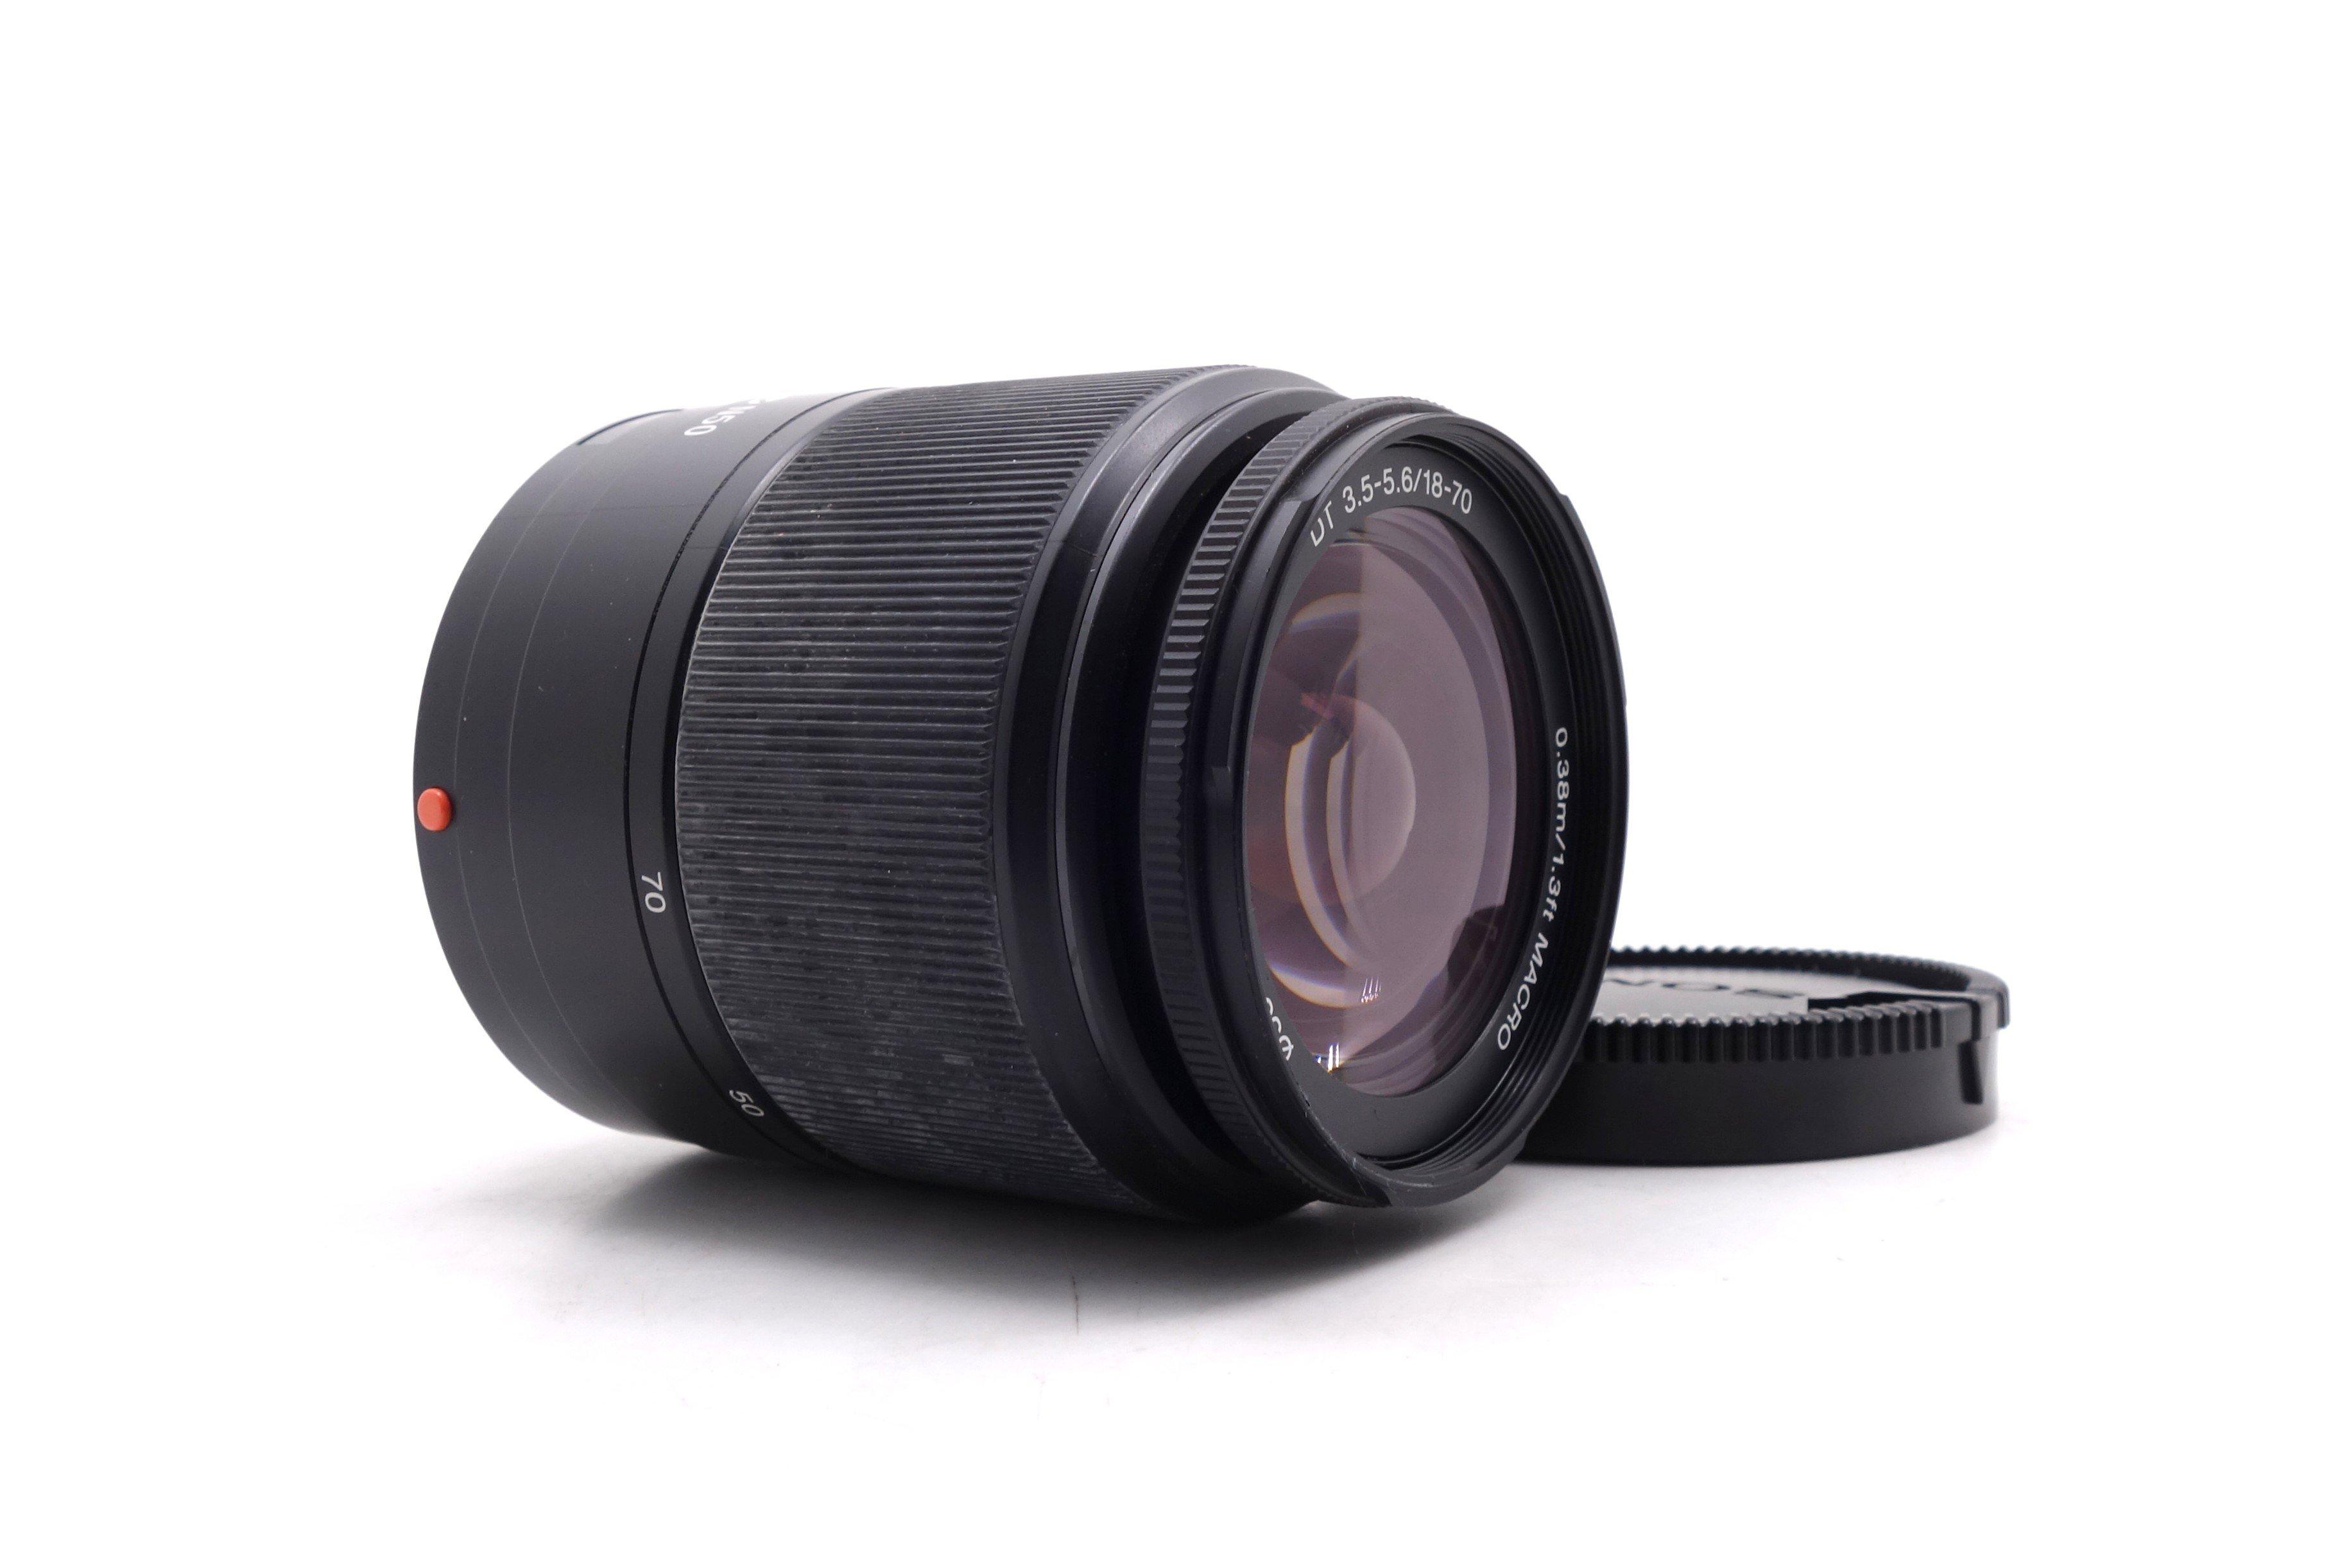 【台中青蘋果】Sony DT 18-70mm f3.5-5.6 MACRO 二手 APS-C 鏡頭 #61283